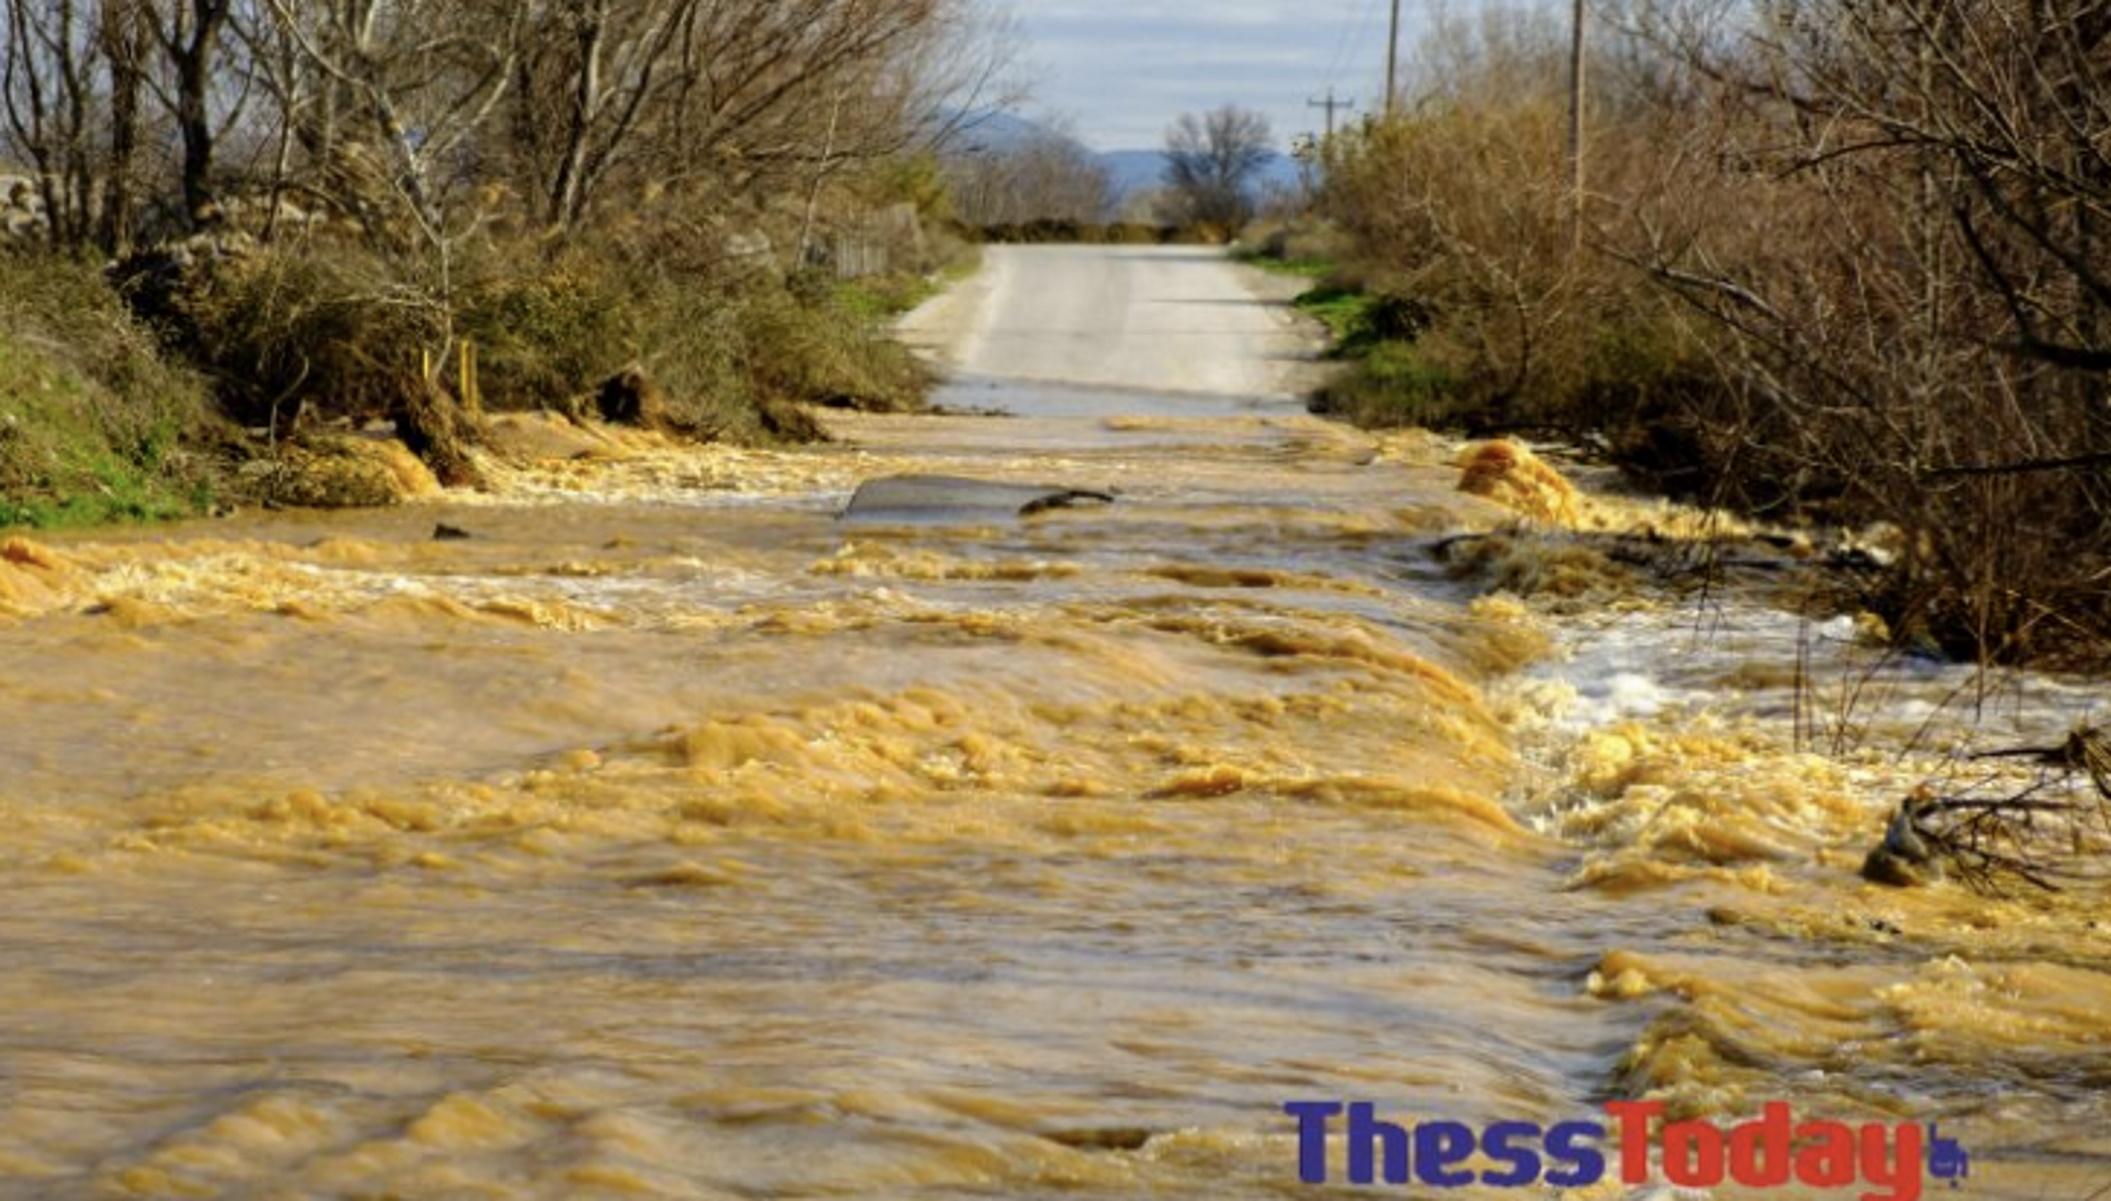 Καιρός – Σίνδος Θεσσαλονίκης: Κλειστοί δρόμοι, πλημμύρες και μπάζα (pics, video)